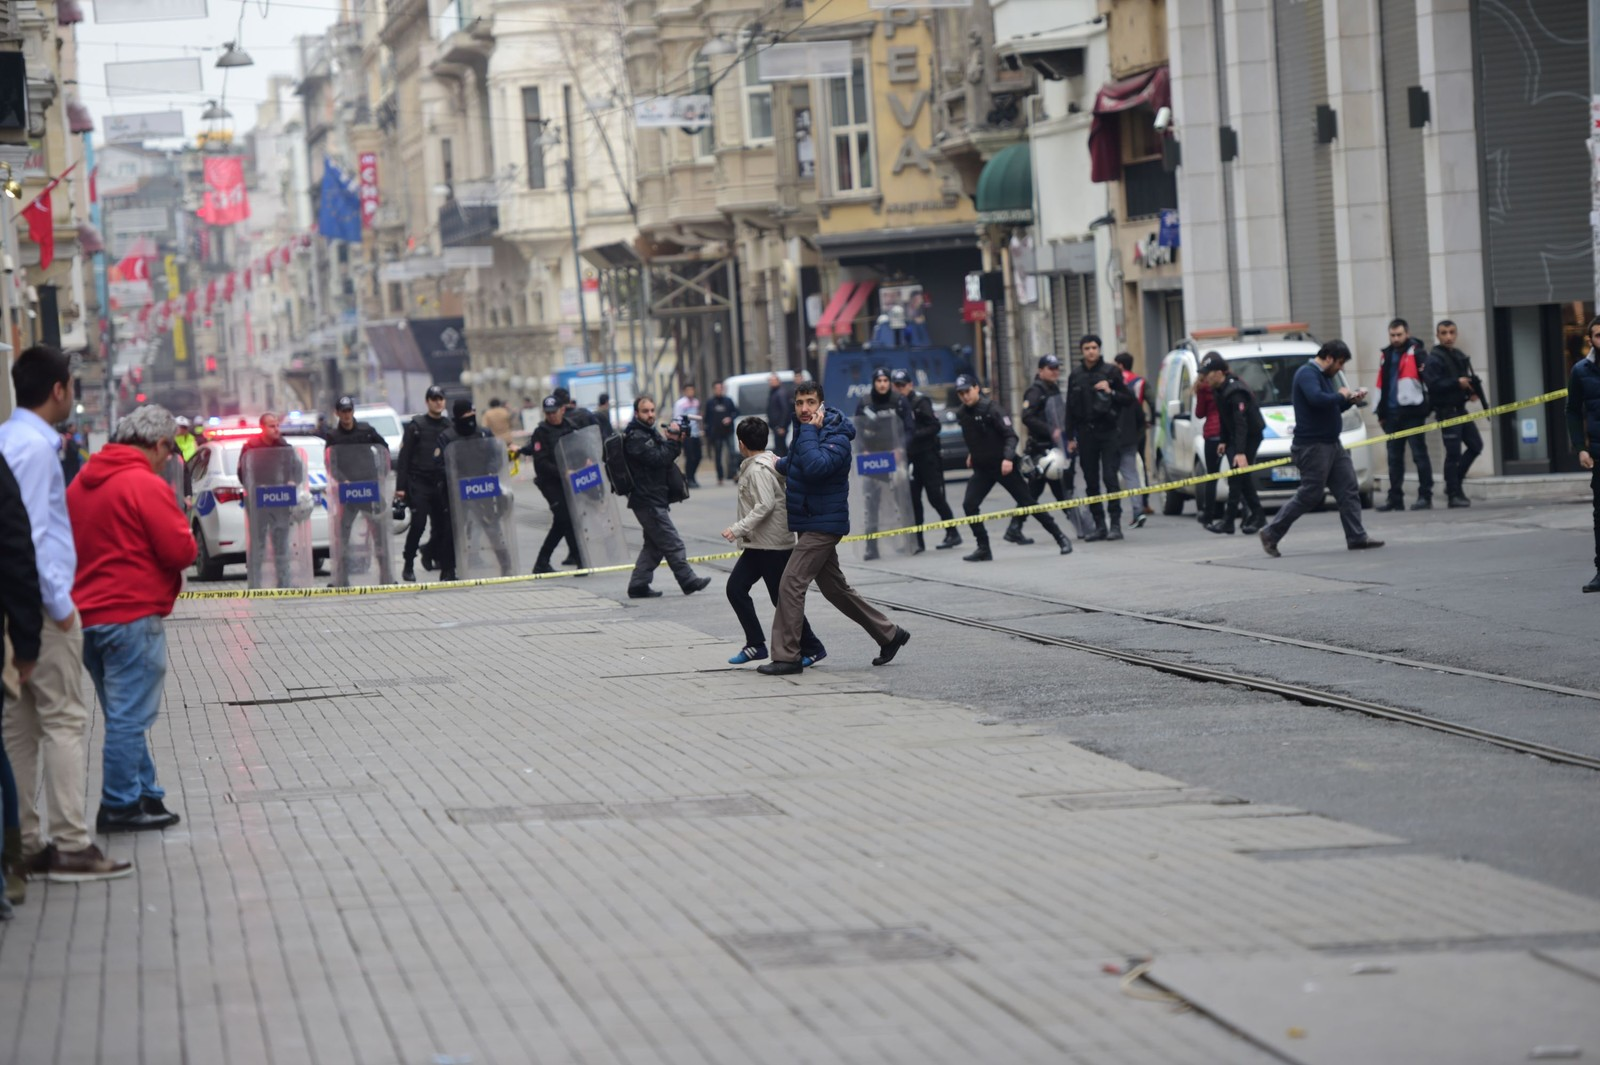 En rekke ambulanser befinner seg ved åstedet for eksplosjonen i  Istiklal Caddesi, en gågate ikke langt unna Taksim-plassen.